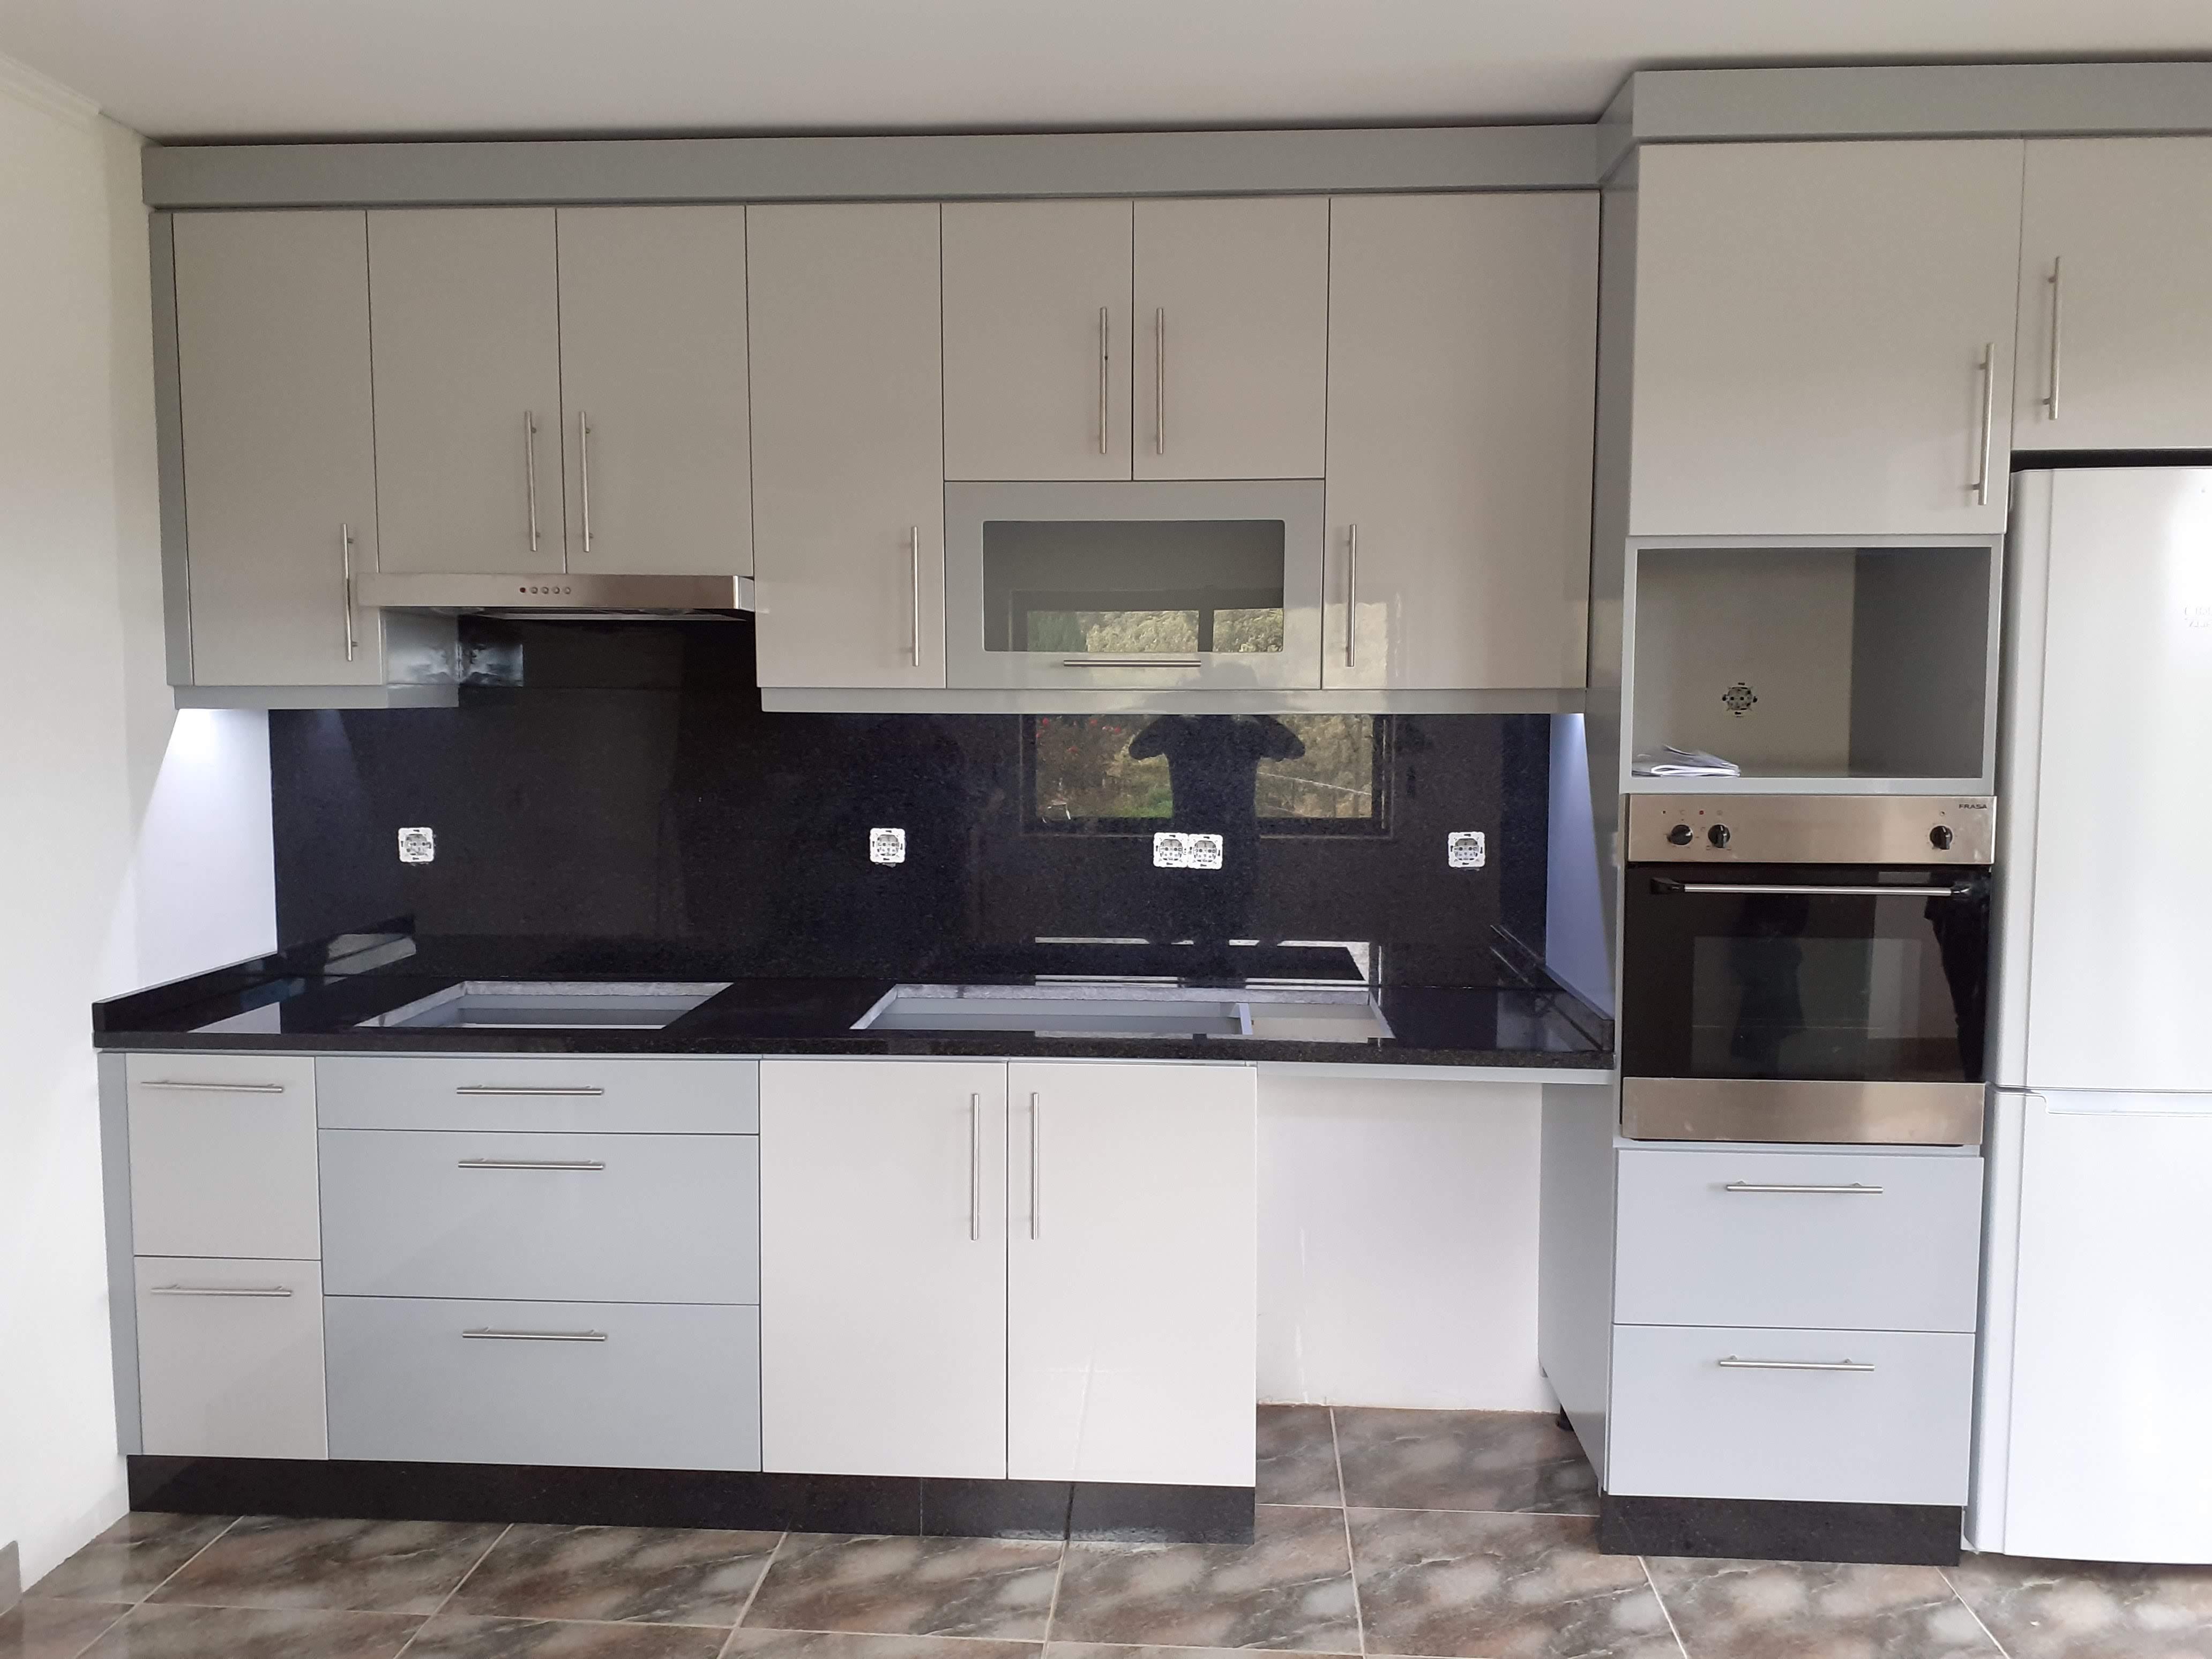 Cozinha Lacada Cinza/branco